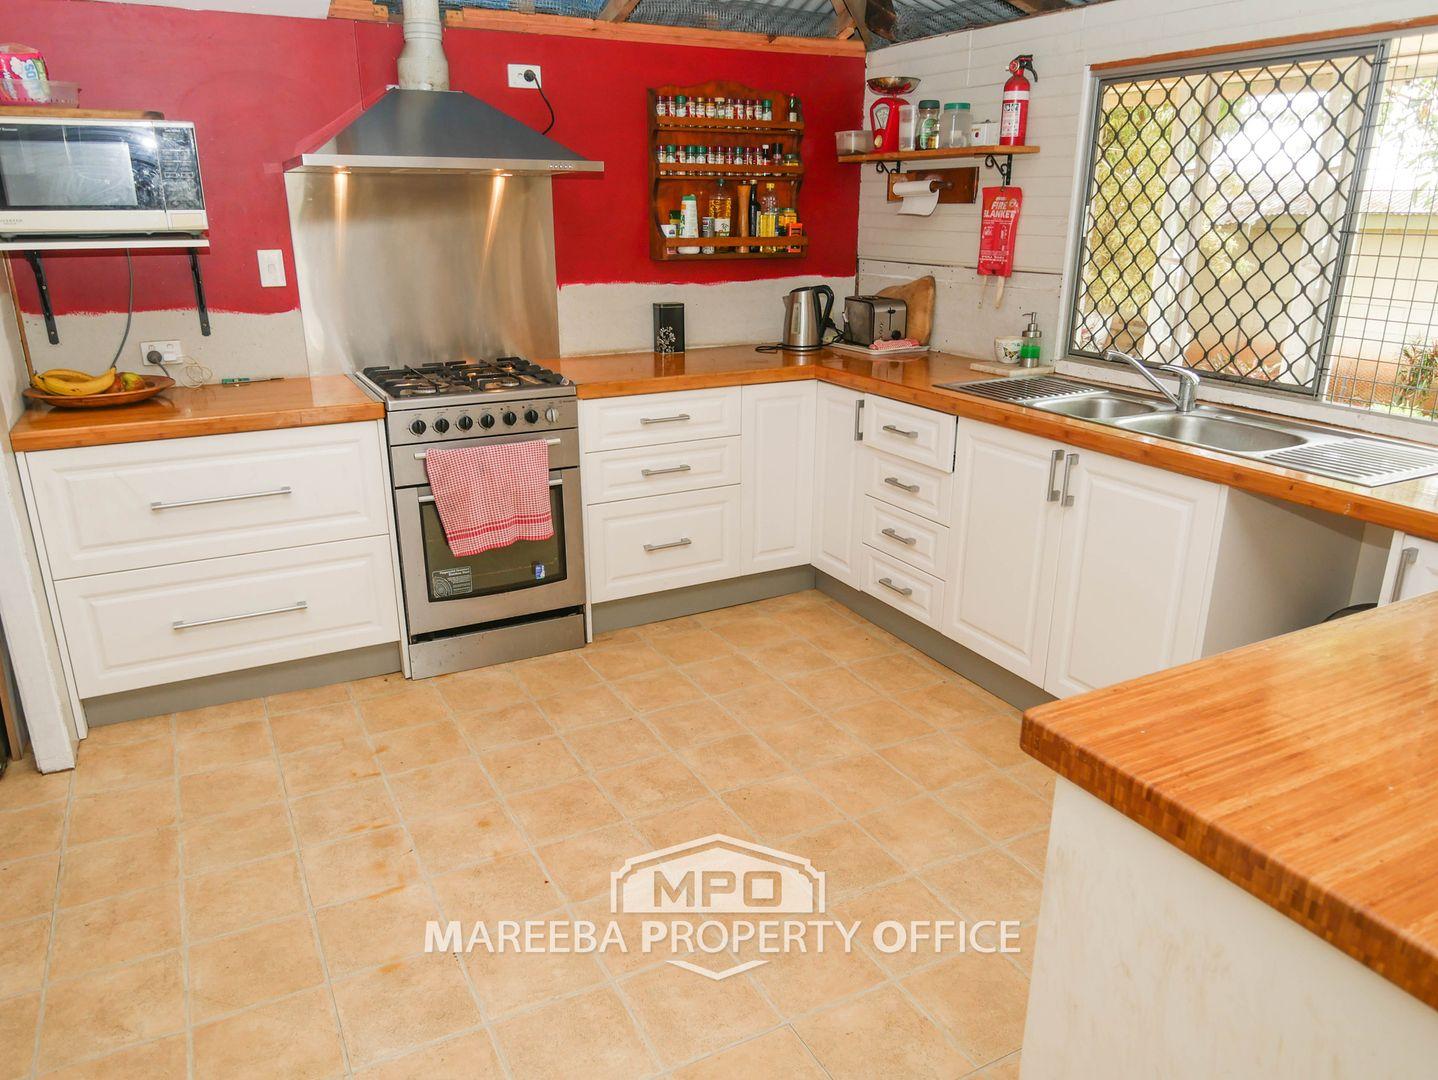 328 Byrnes Street, Mareeba QLD 4880, Image 1